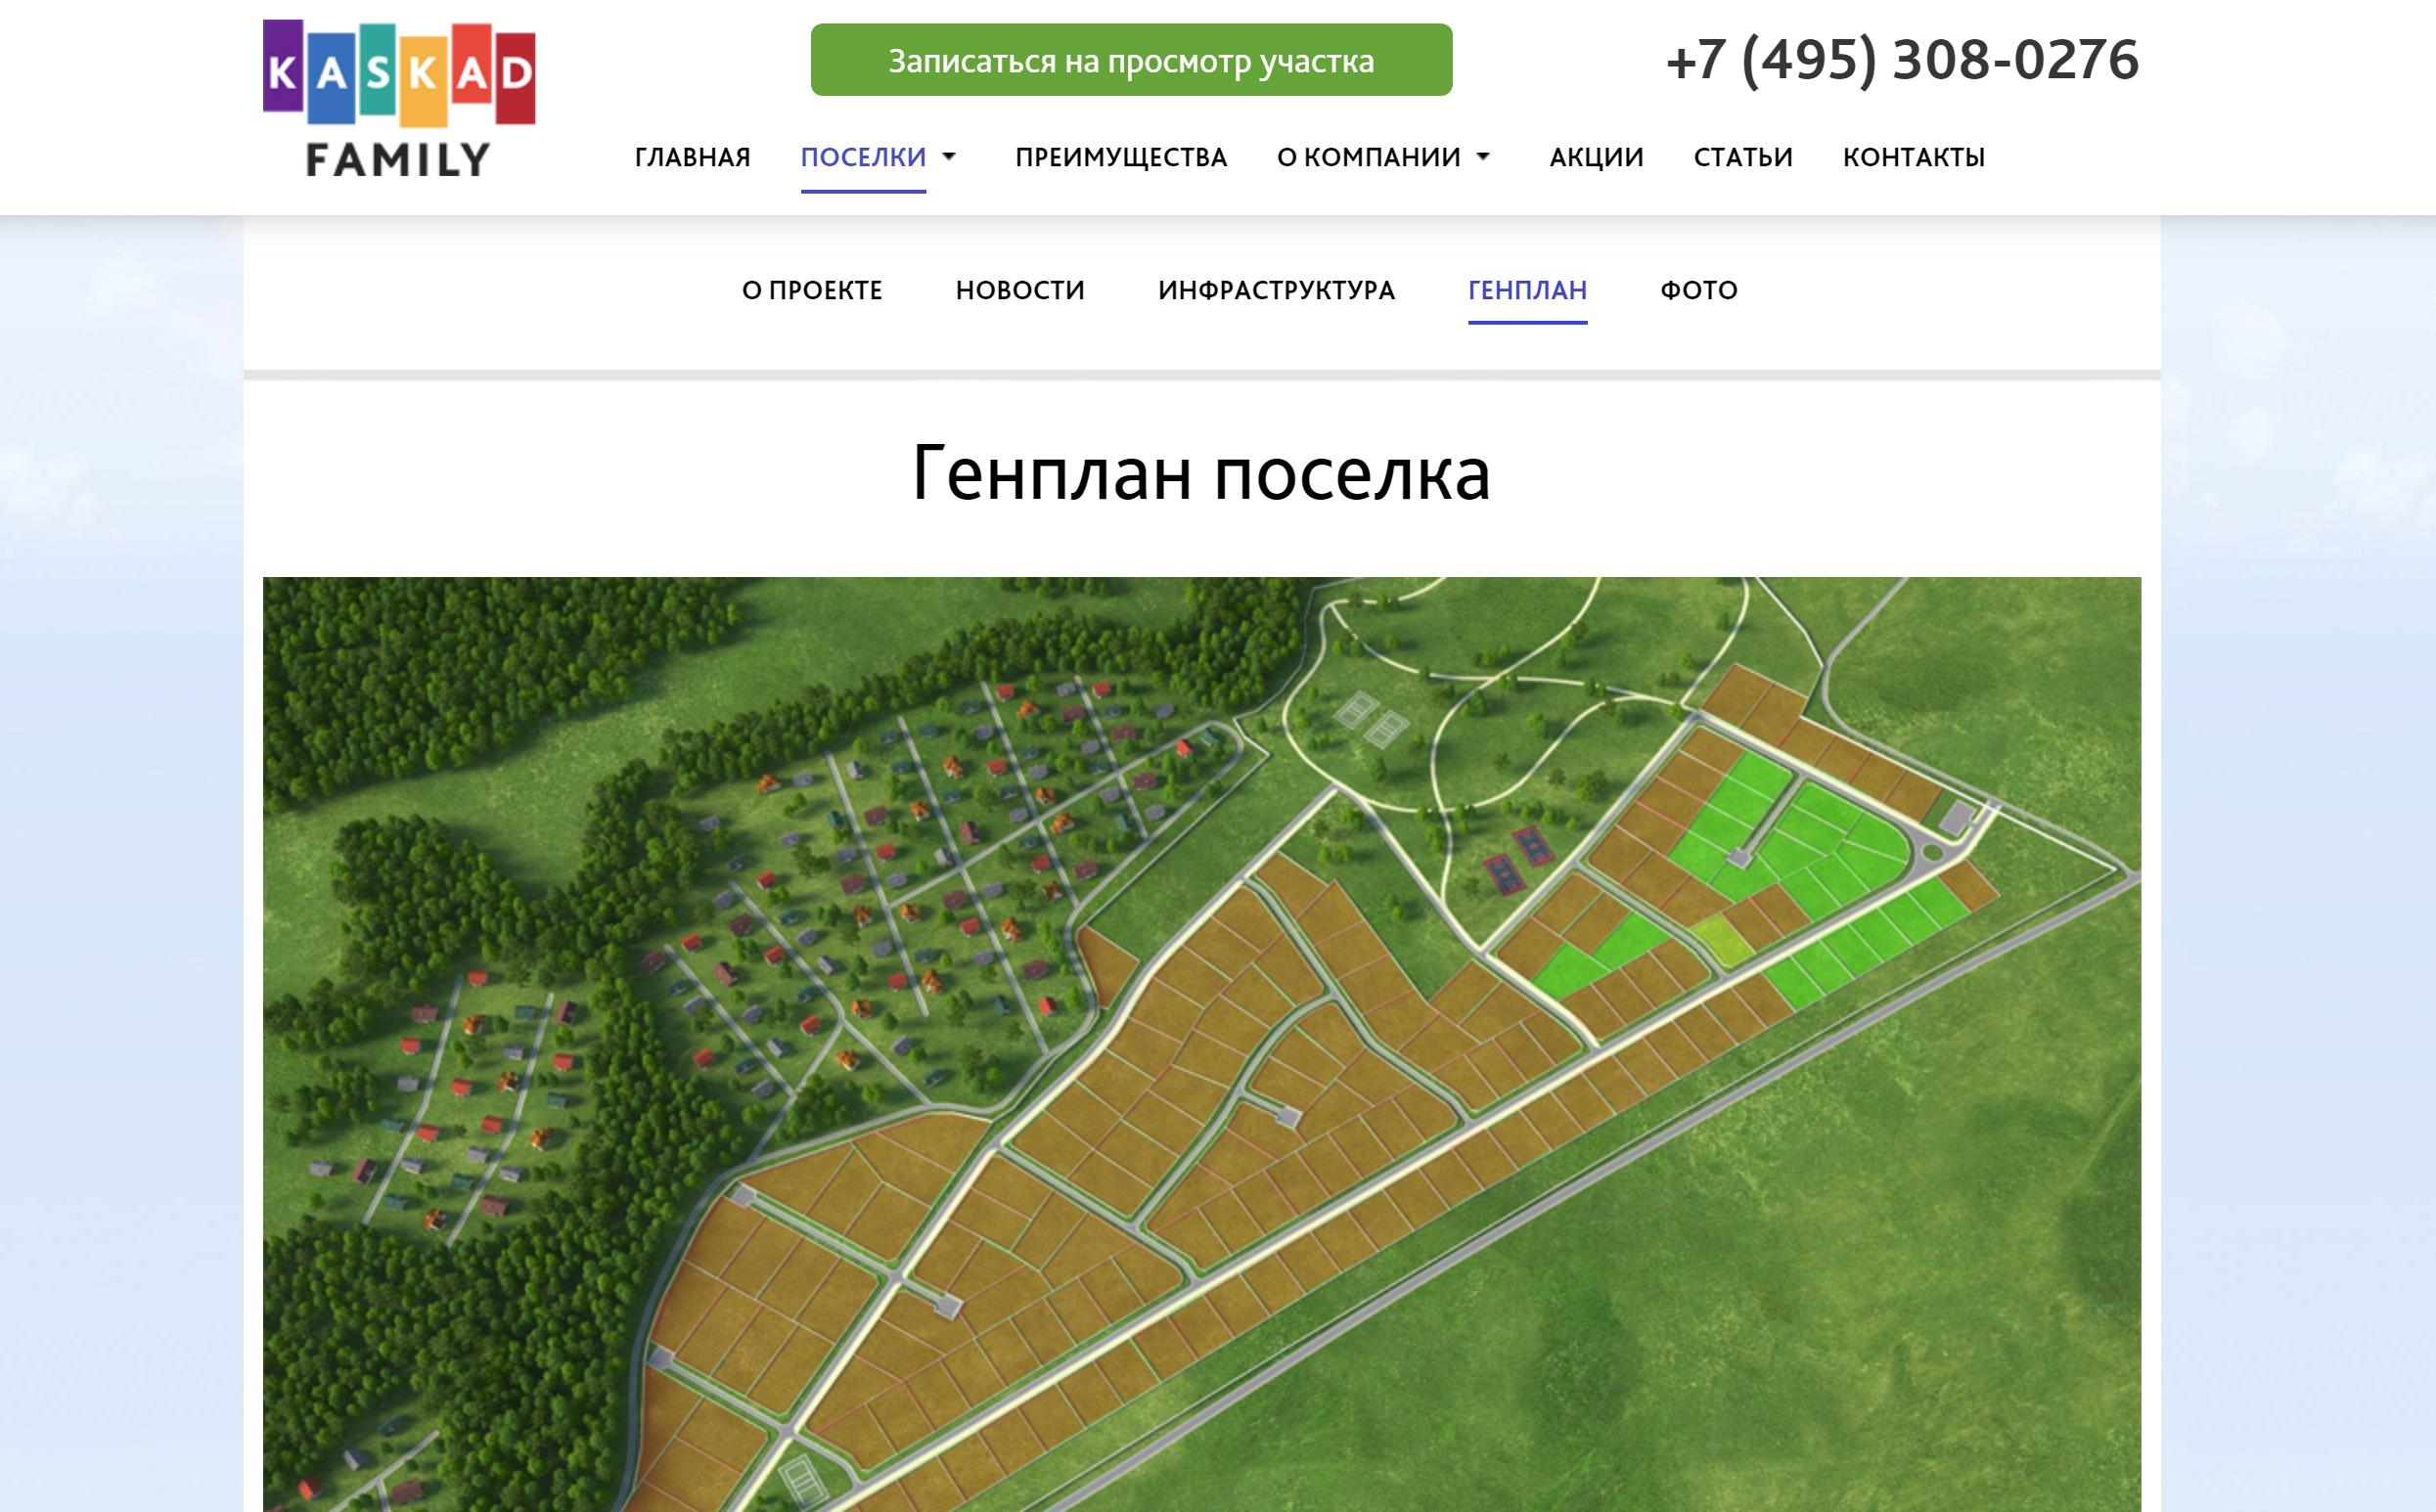 У девелопера «Каскад-фэмили» на сайте можно посмотреть карты поселков с разбивкой на участки, но цен тоже нет. Источник: Коттеджный поселок «Караваево озеро — 2»